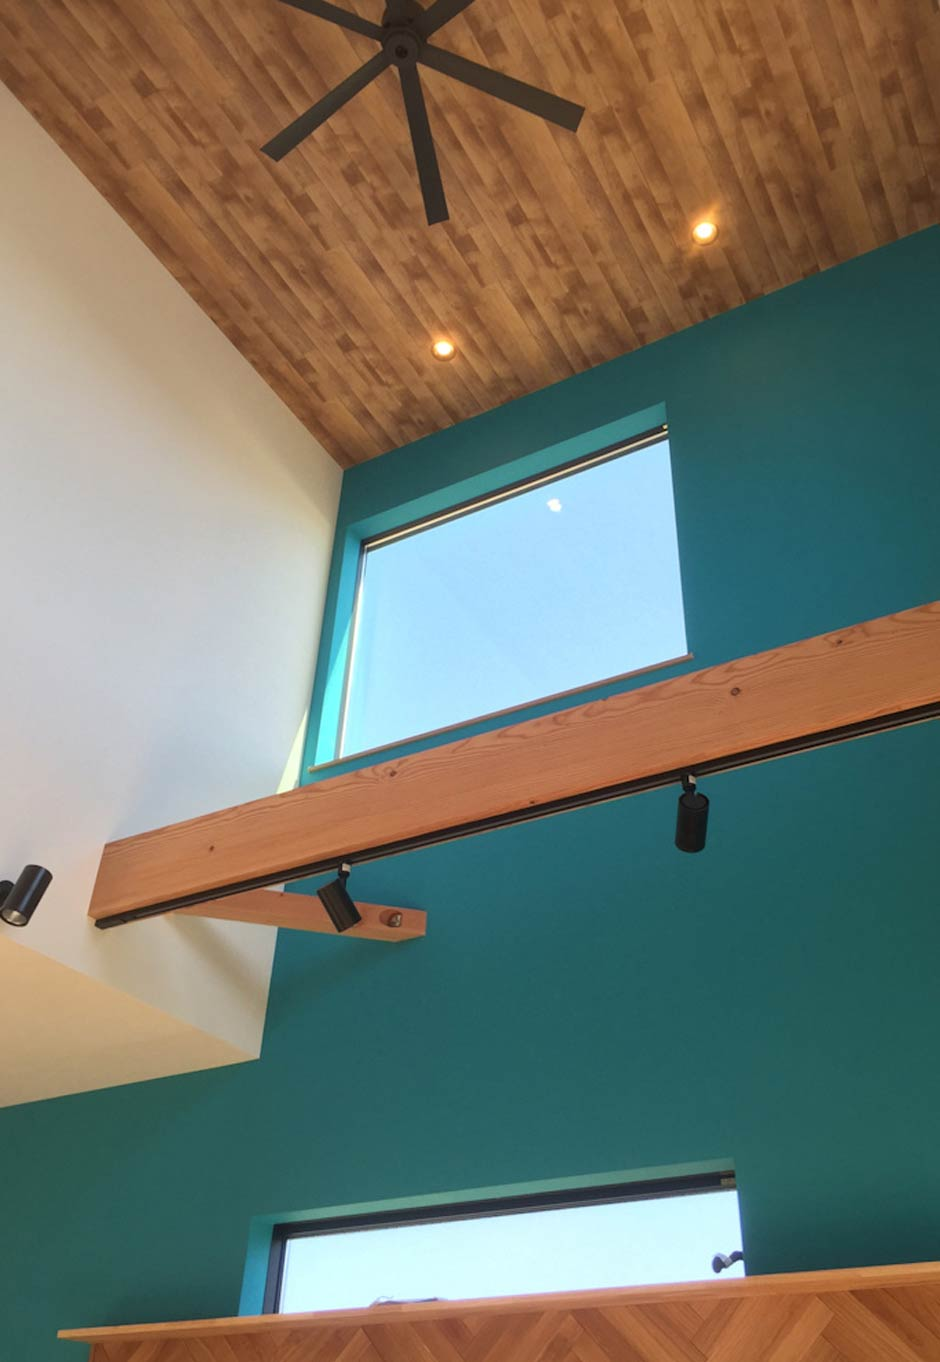 Asobi-創家(アソビスミカ)/ナカジツ【デザイン住宅、趣味、間取り】これほど大きな吹抜け空間があっても、ダクト換気システムによる超高気密・高断熱で家中どこにいても温度差がなく、夏も冬も快適に暮らせる。シンプルなデザインのシーリングファンがマリンテイストの空間に似合っている。天井は無垢ではなく、木目調のクロスを貼ってコストダウンにつなげた